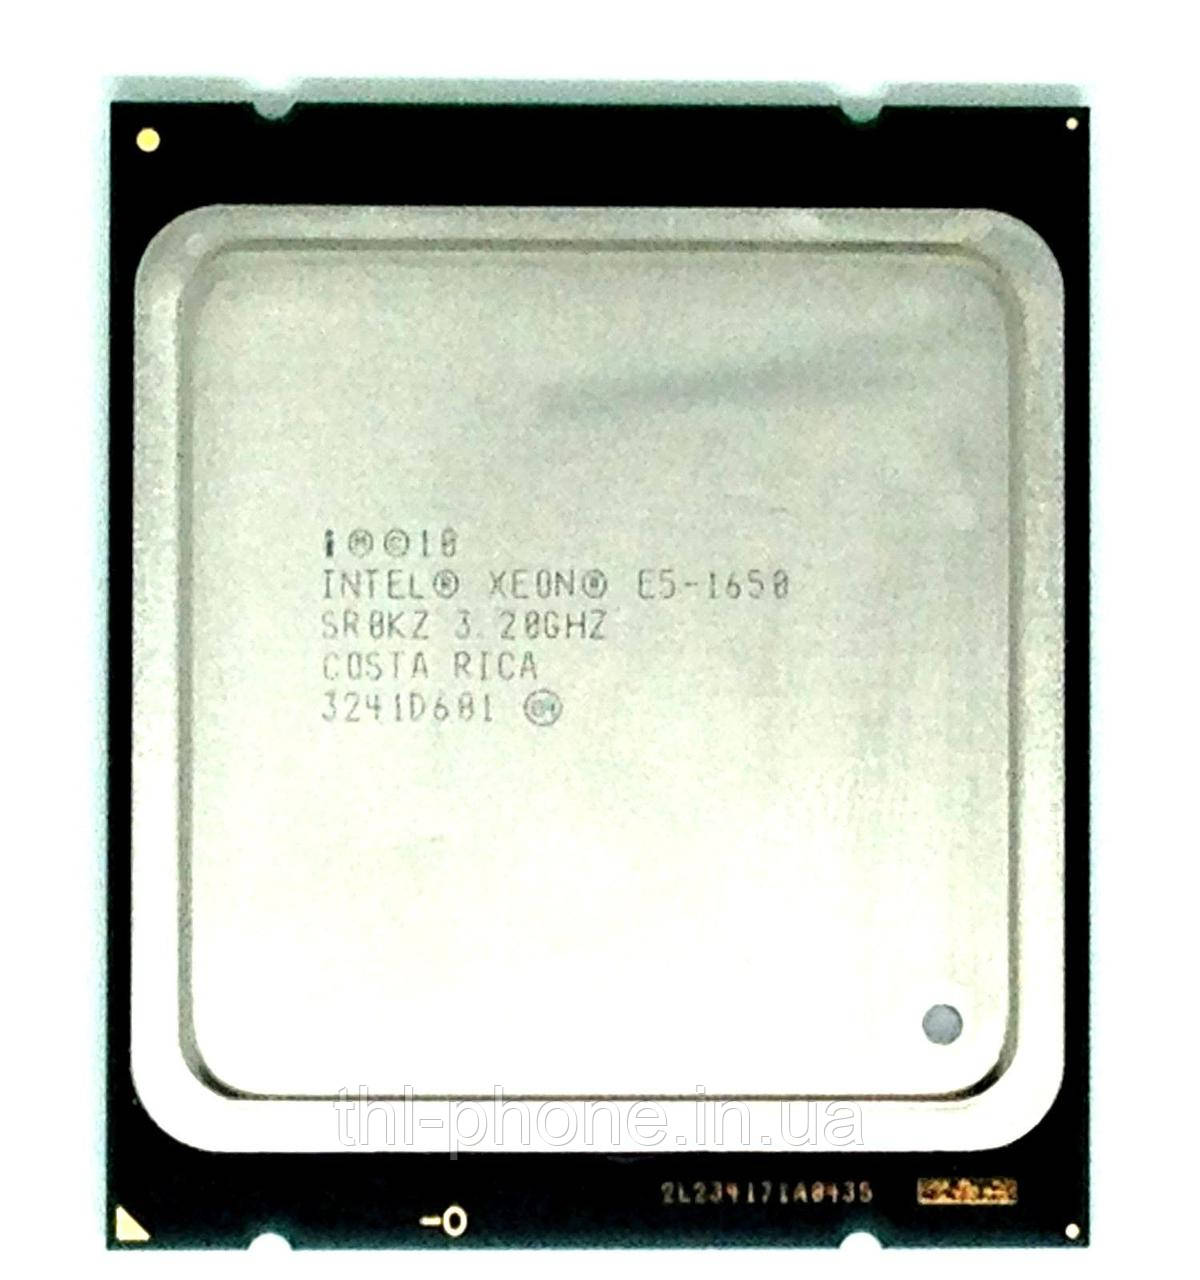 Процессор Intel Xeon E5 1650 Lga 2011 LGA2011